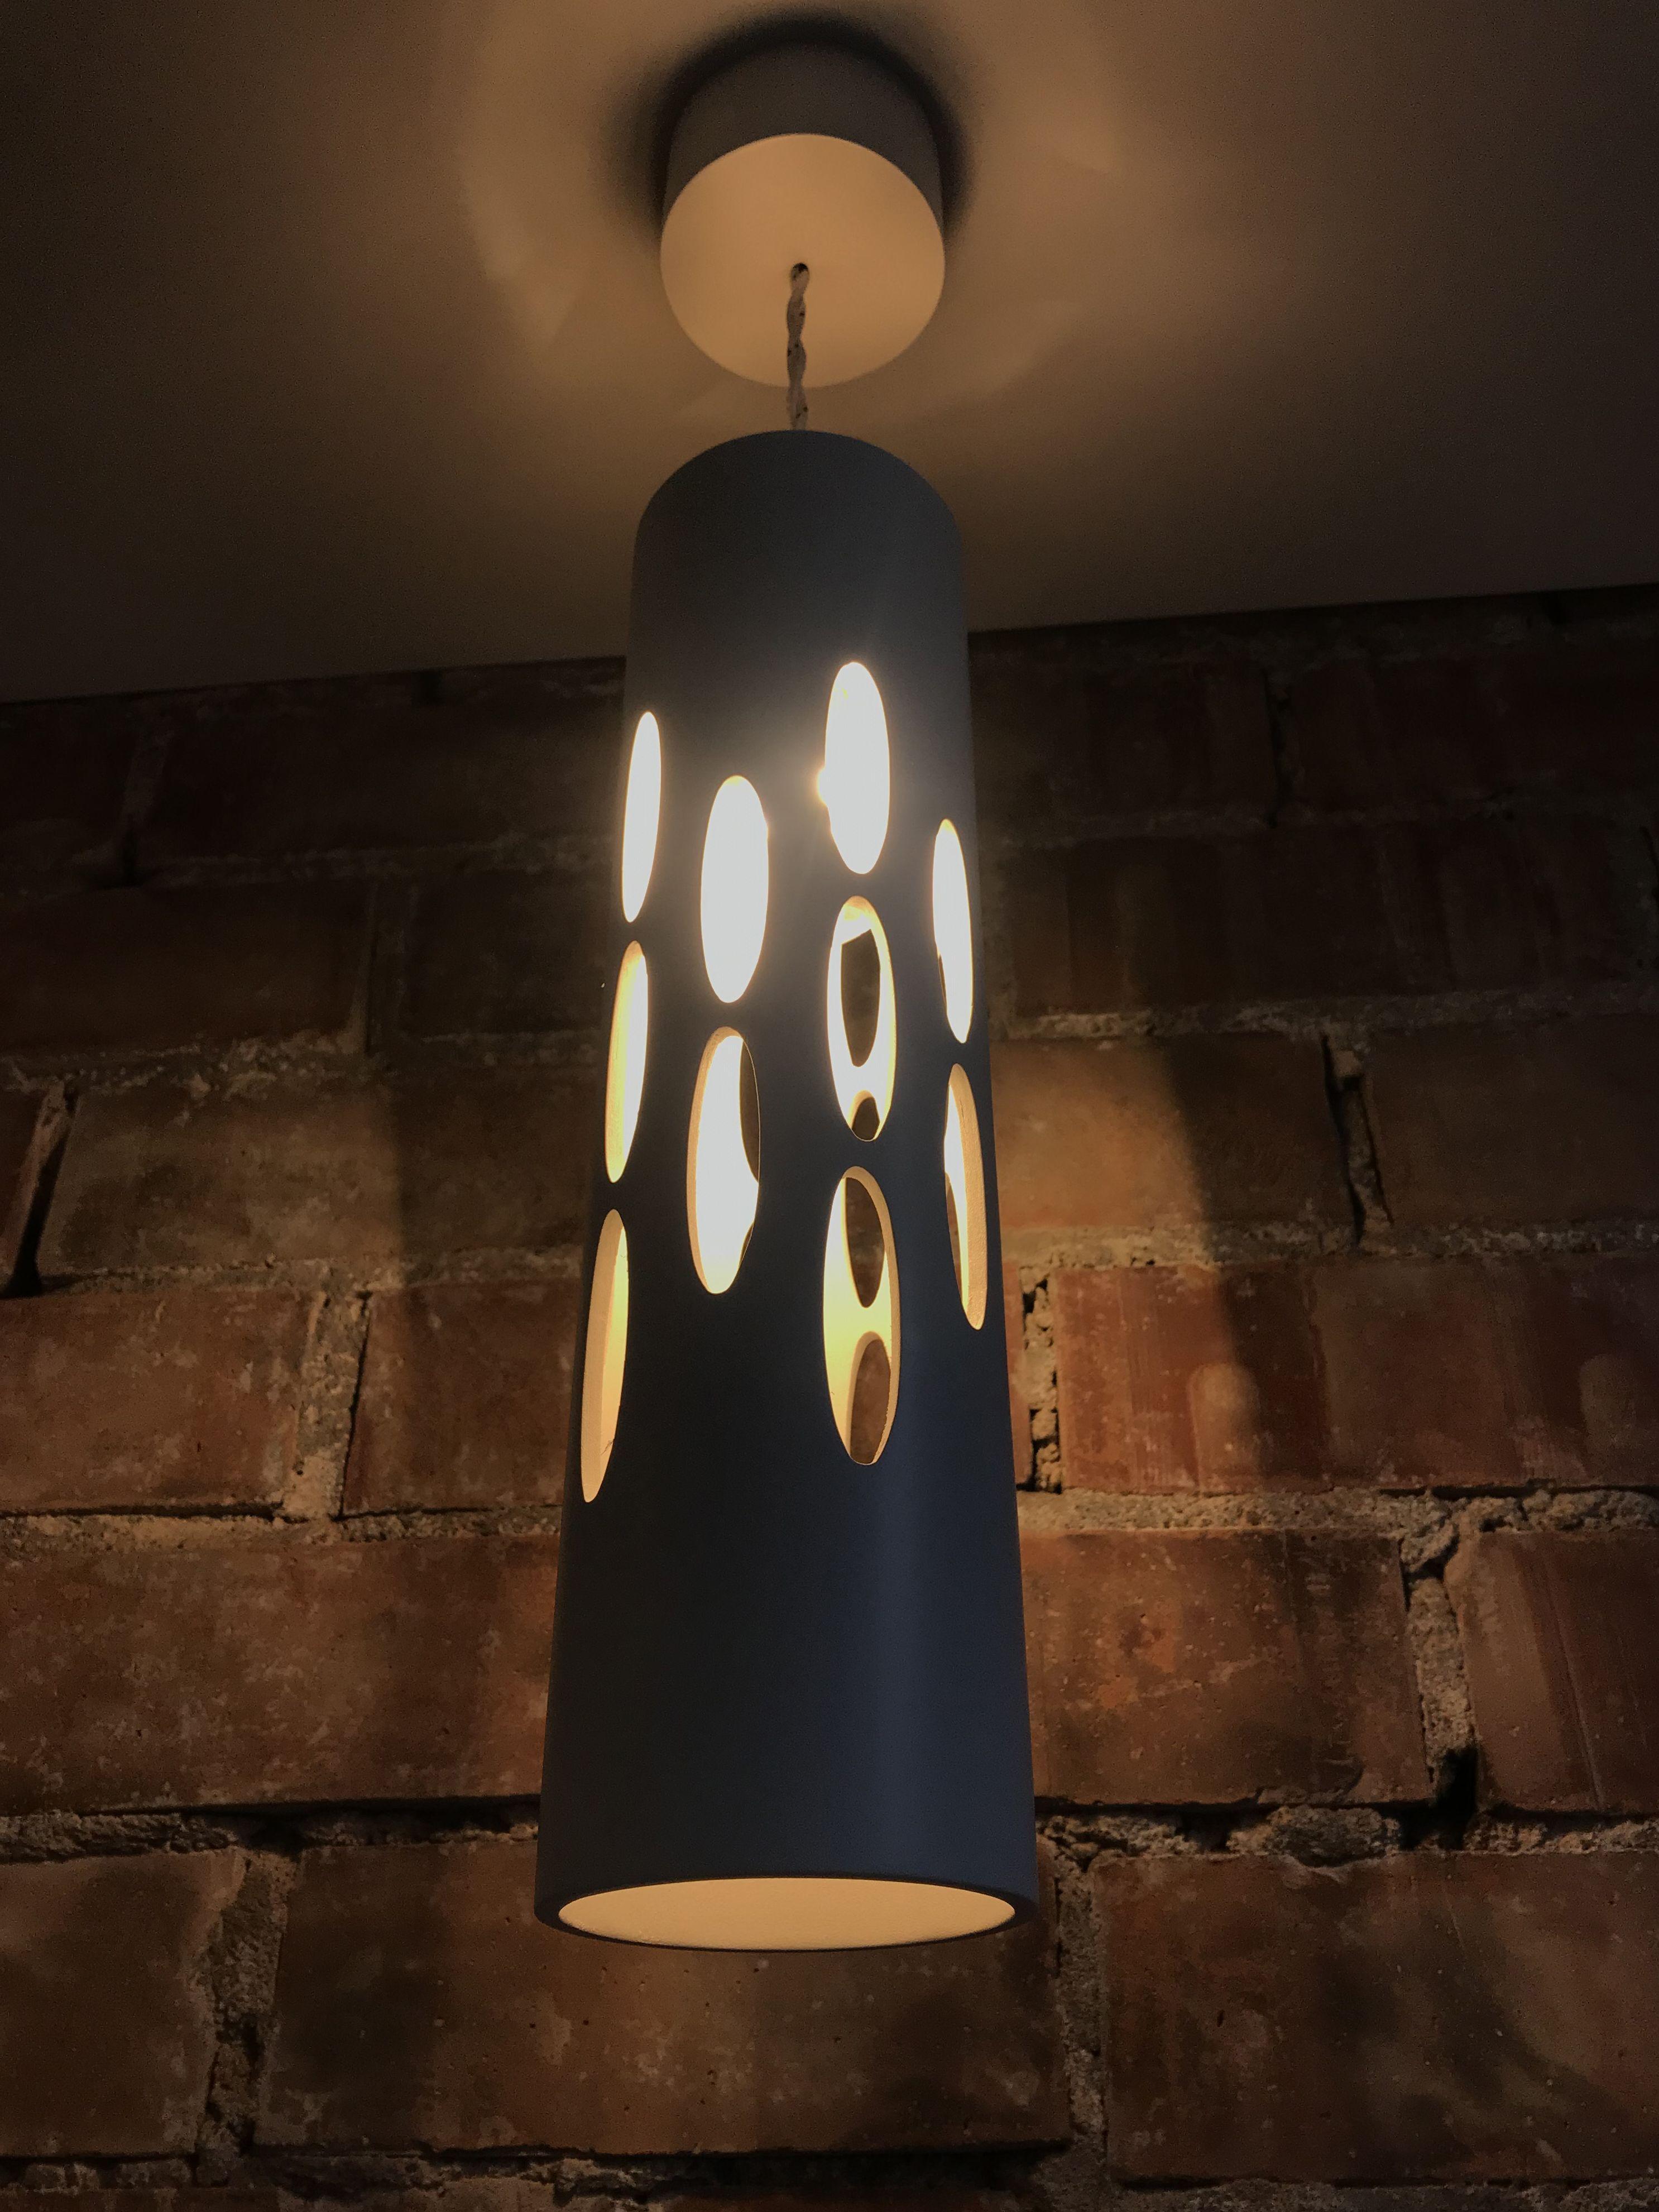 Skylar Lamp 1 In 2020 Wooden Lamp Lamp Lamp Design